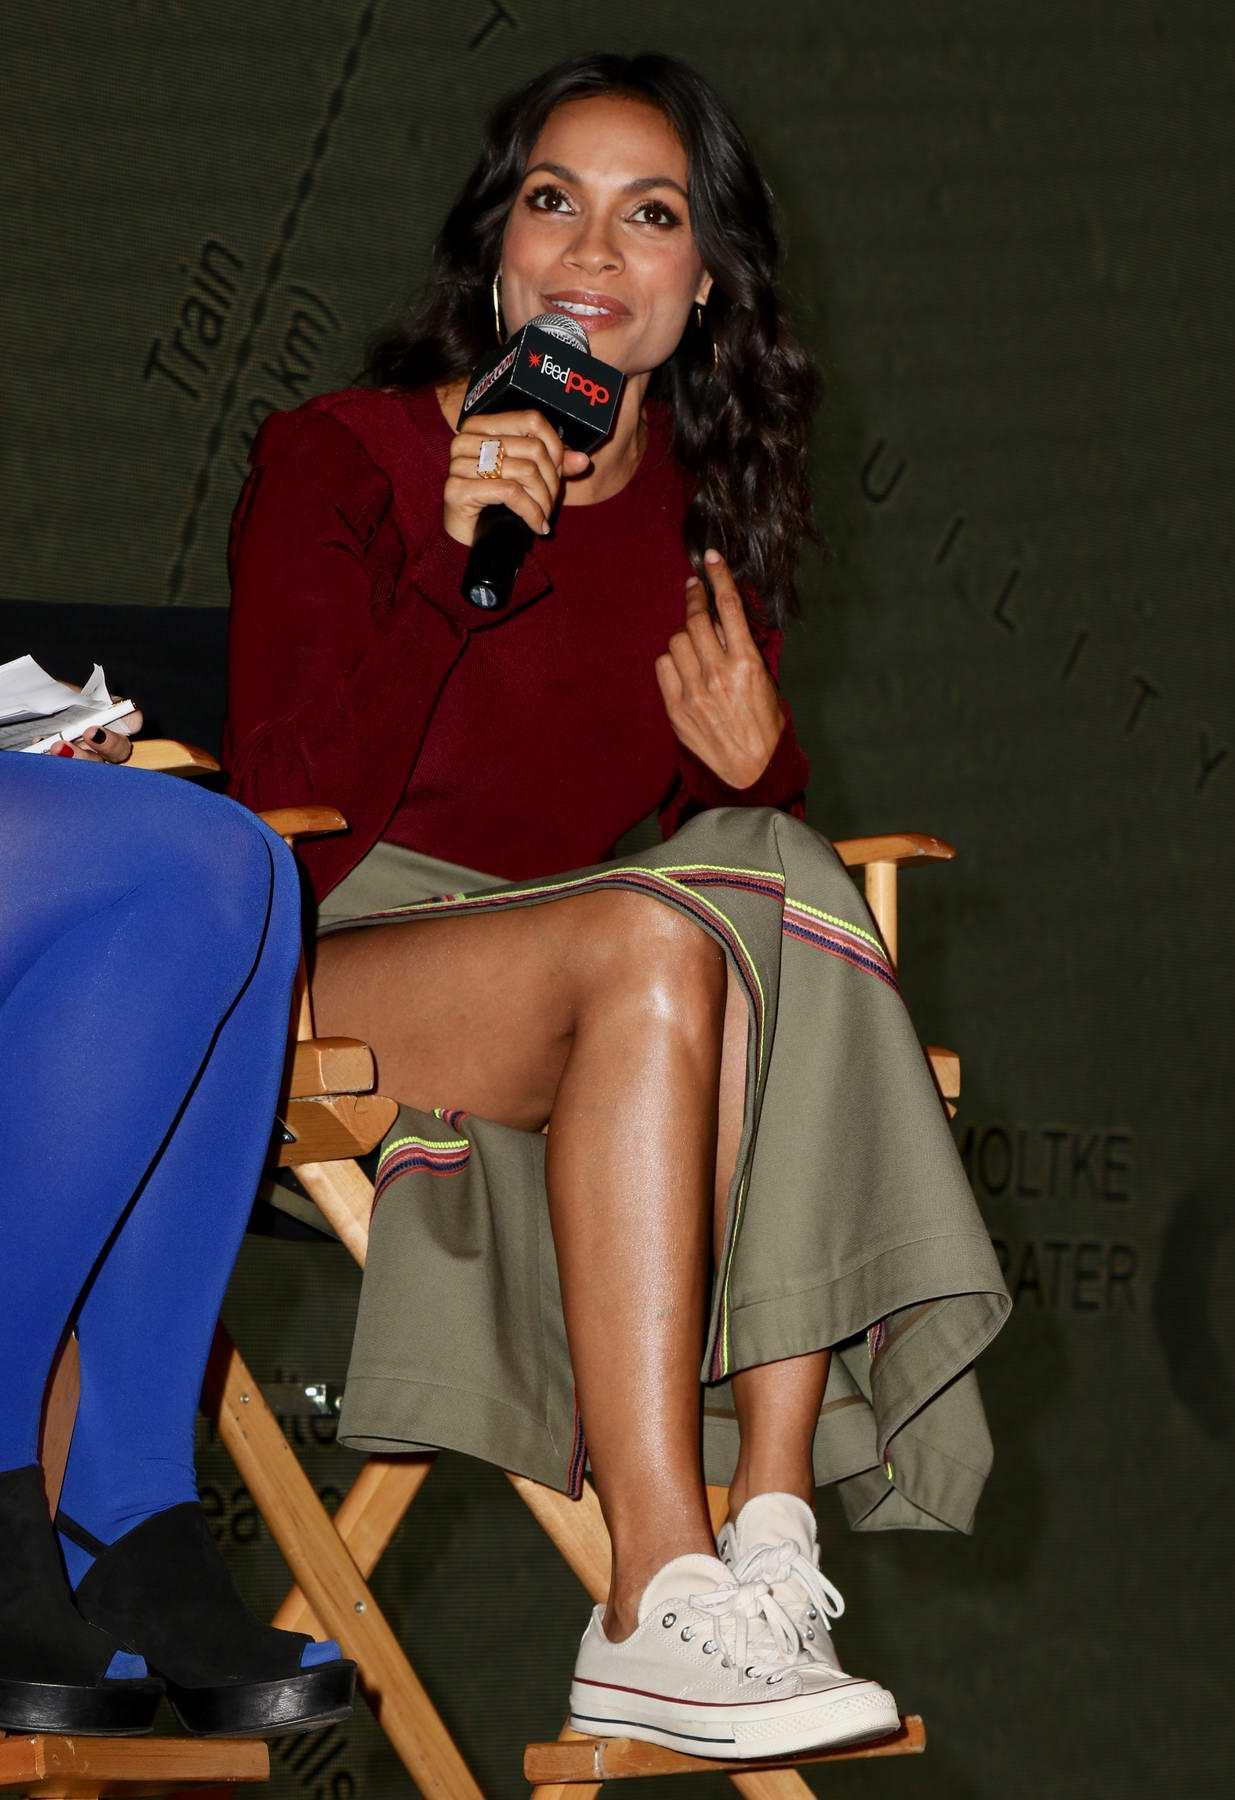 Rosario Dawson attends Comic-Con 2017 in New York City